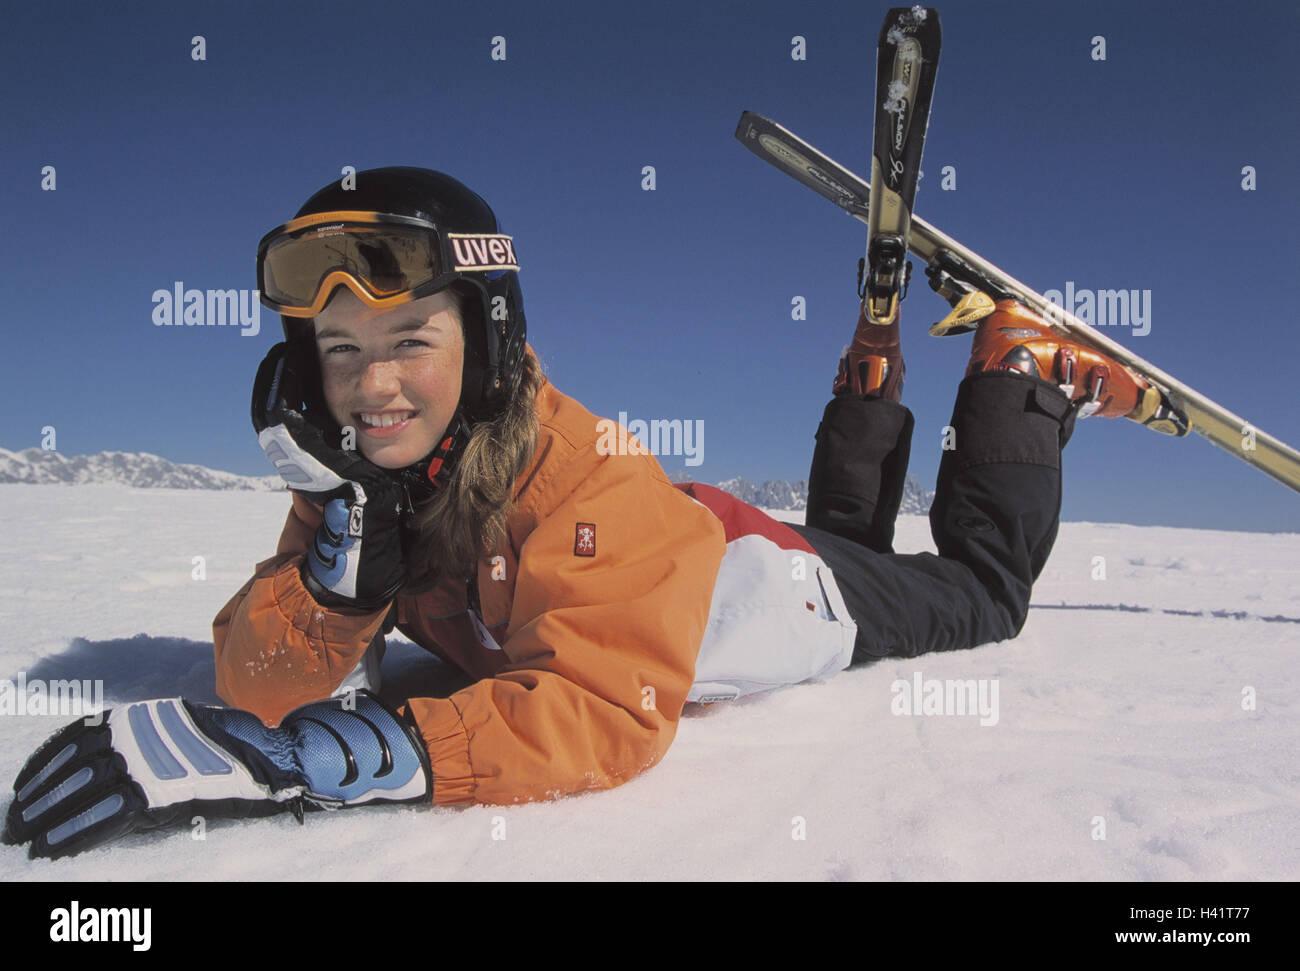 Girls, ski equipment, happy, lie, add support snow, leisure